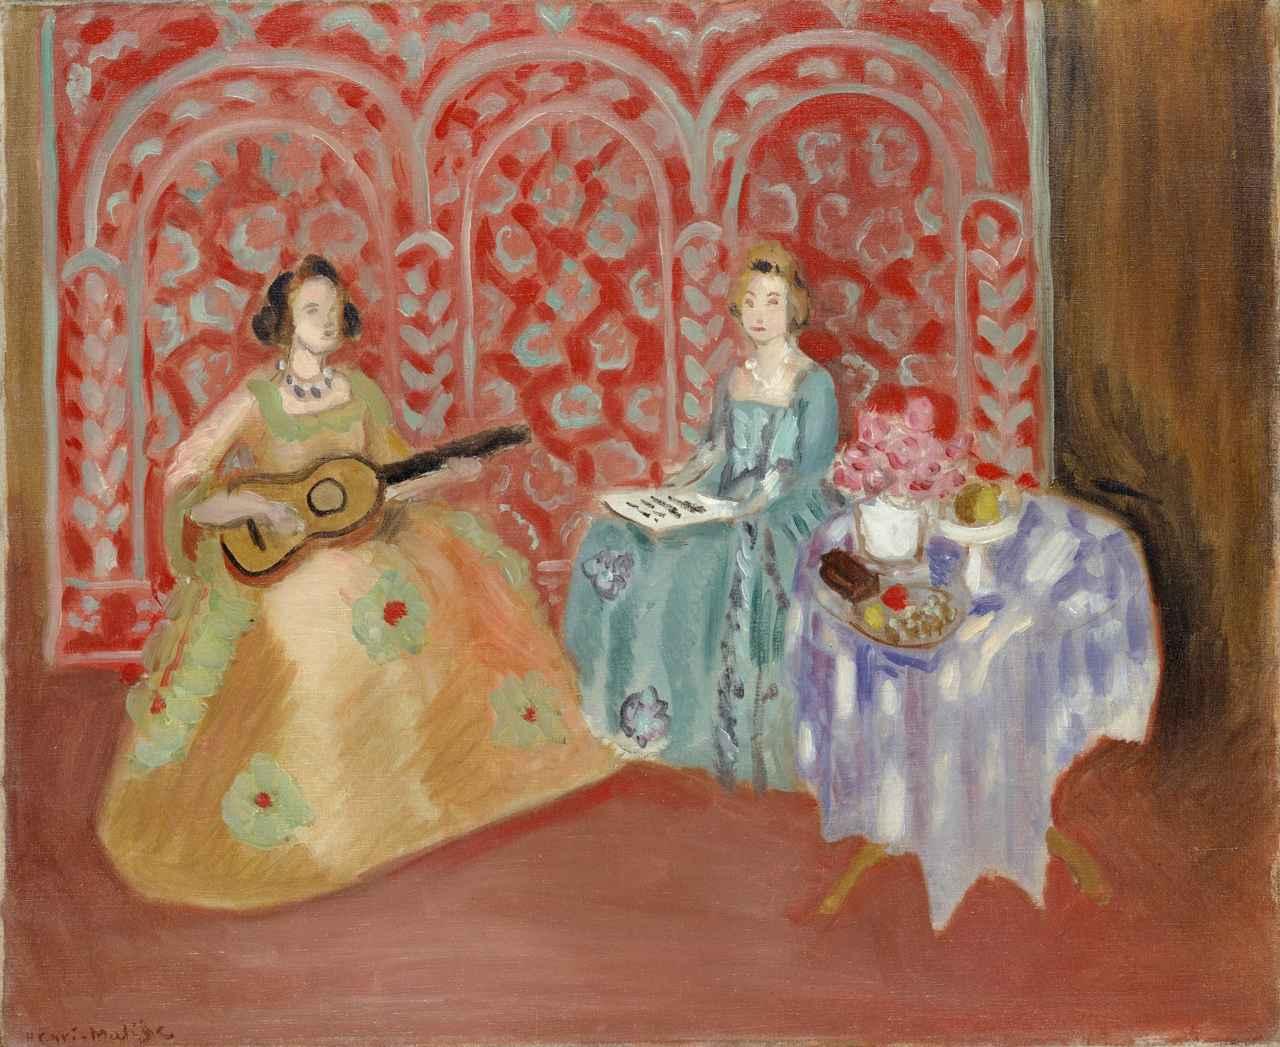 画像: 《室内:二人の音楽家》 アンリ・マティス  1923年  油彩/カンヴァス  ポーラ美術館蔵